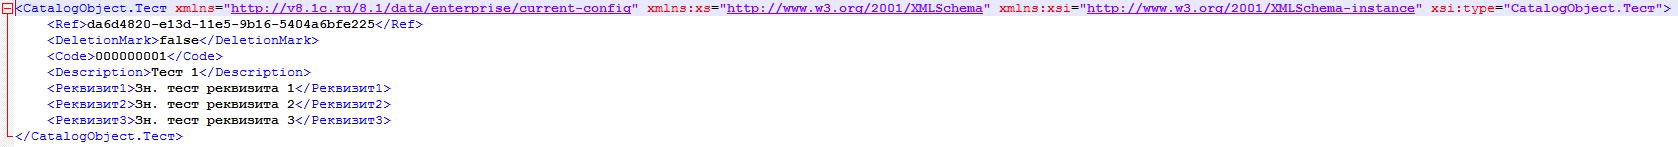 XDTO-сериализация объекта